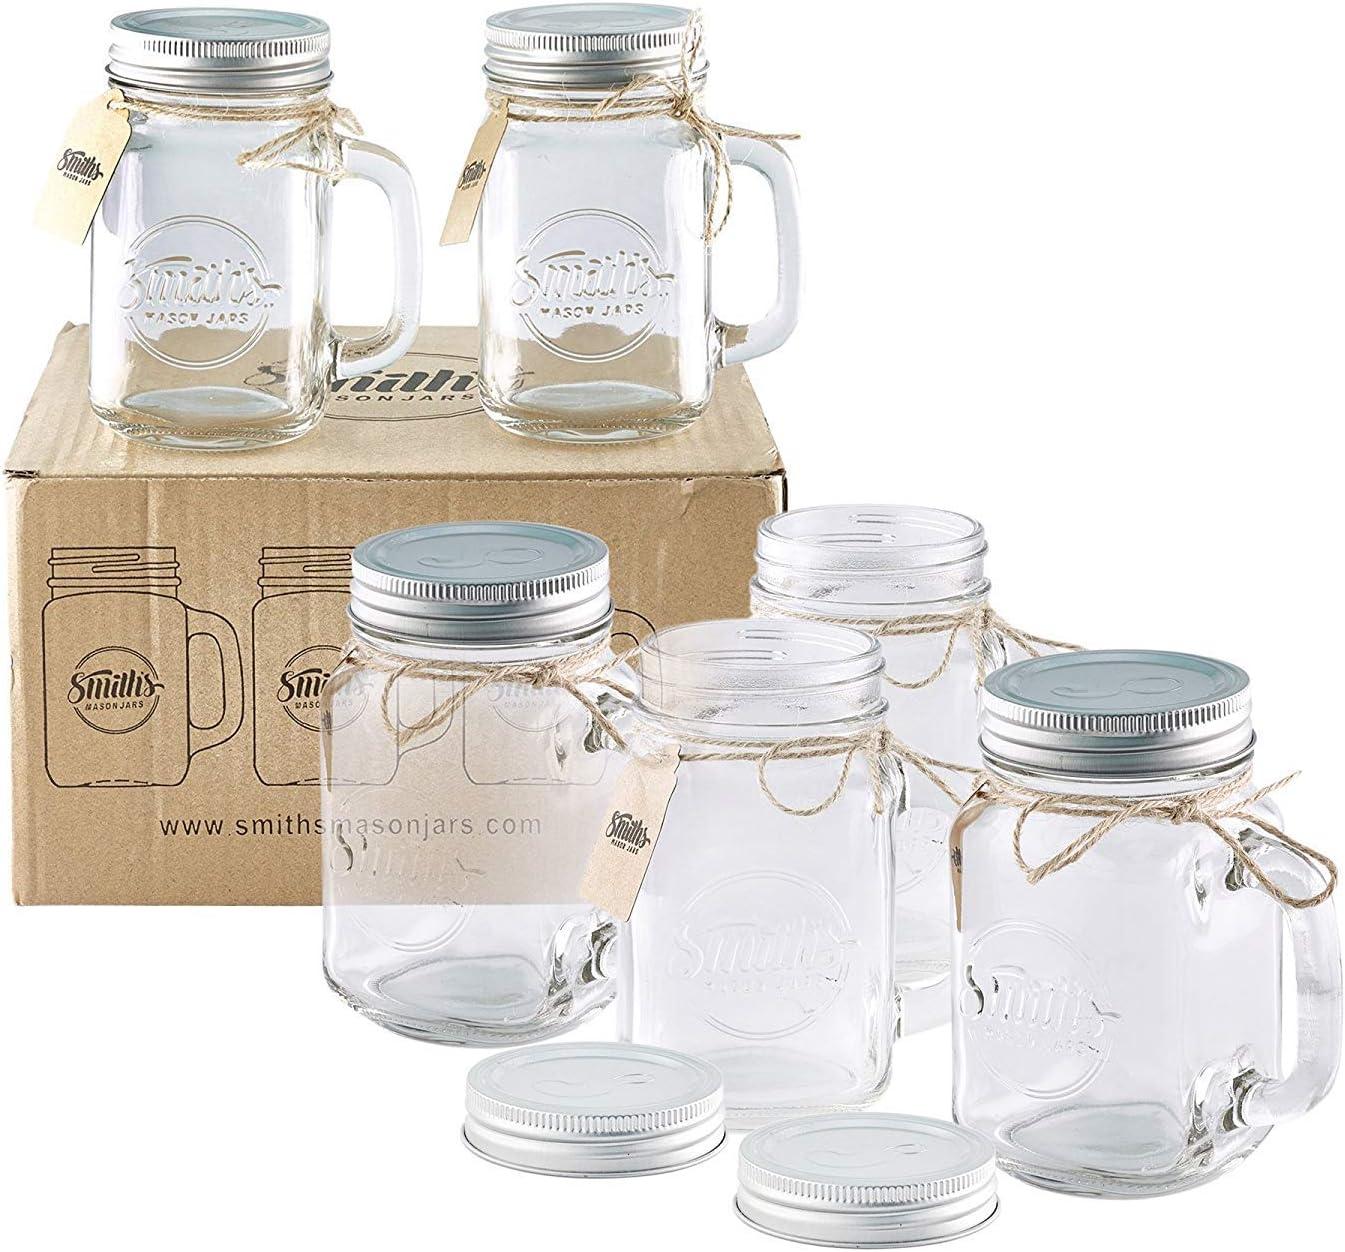 Smith Mason tarros de 6 x, Mason Jar tazas con tapa de rosca con junta de goma, making hermético y filtraciones de agua, también ideal para hacer de la noche la avena: